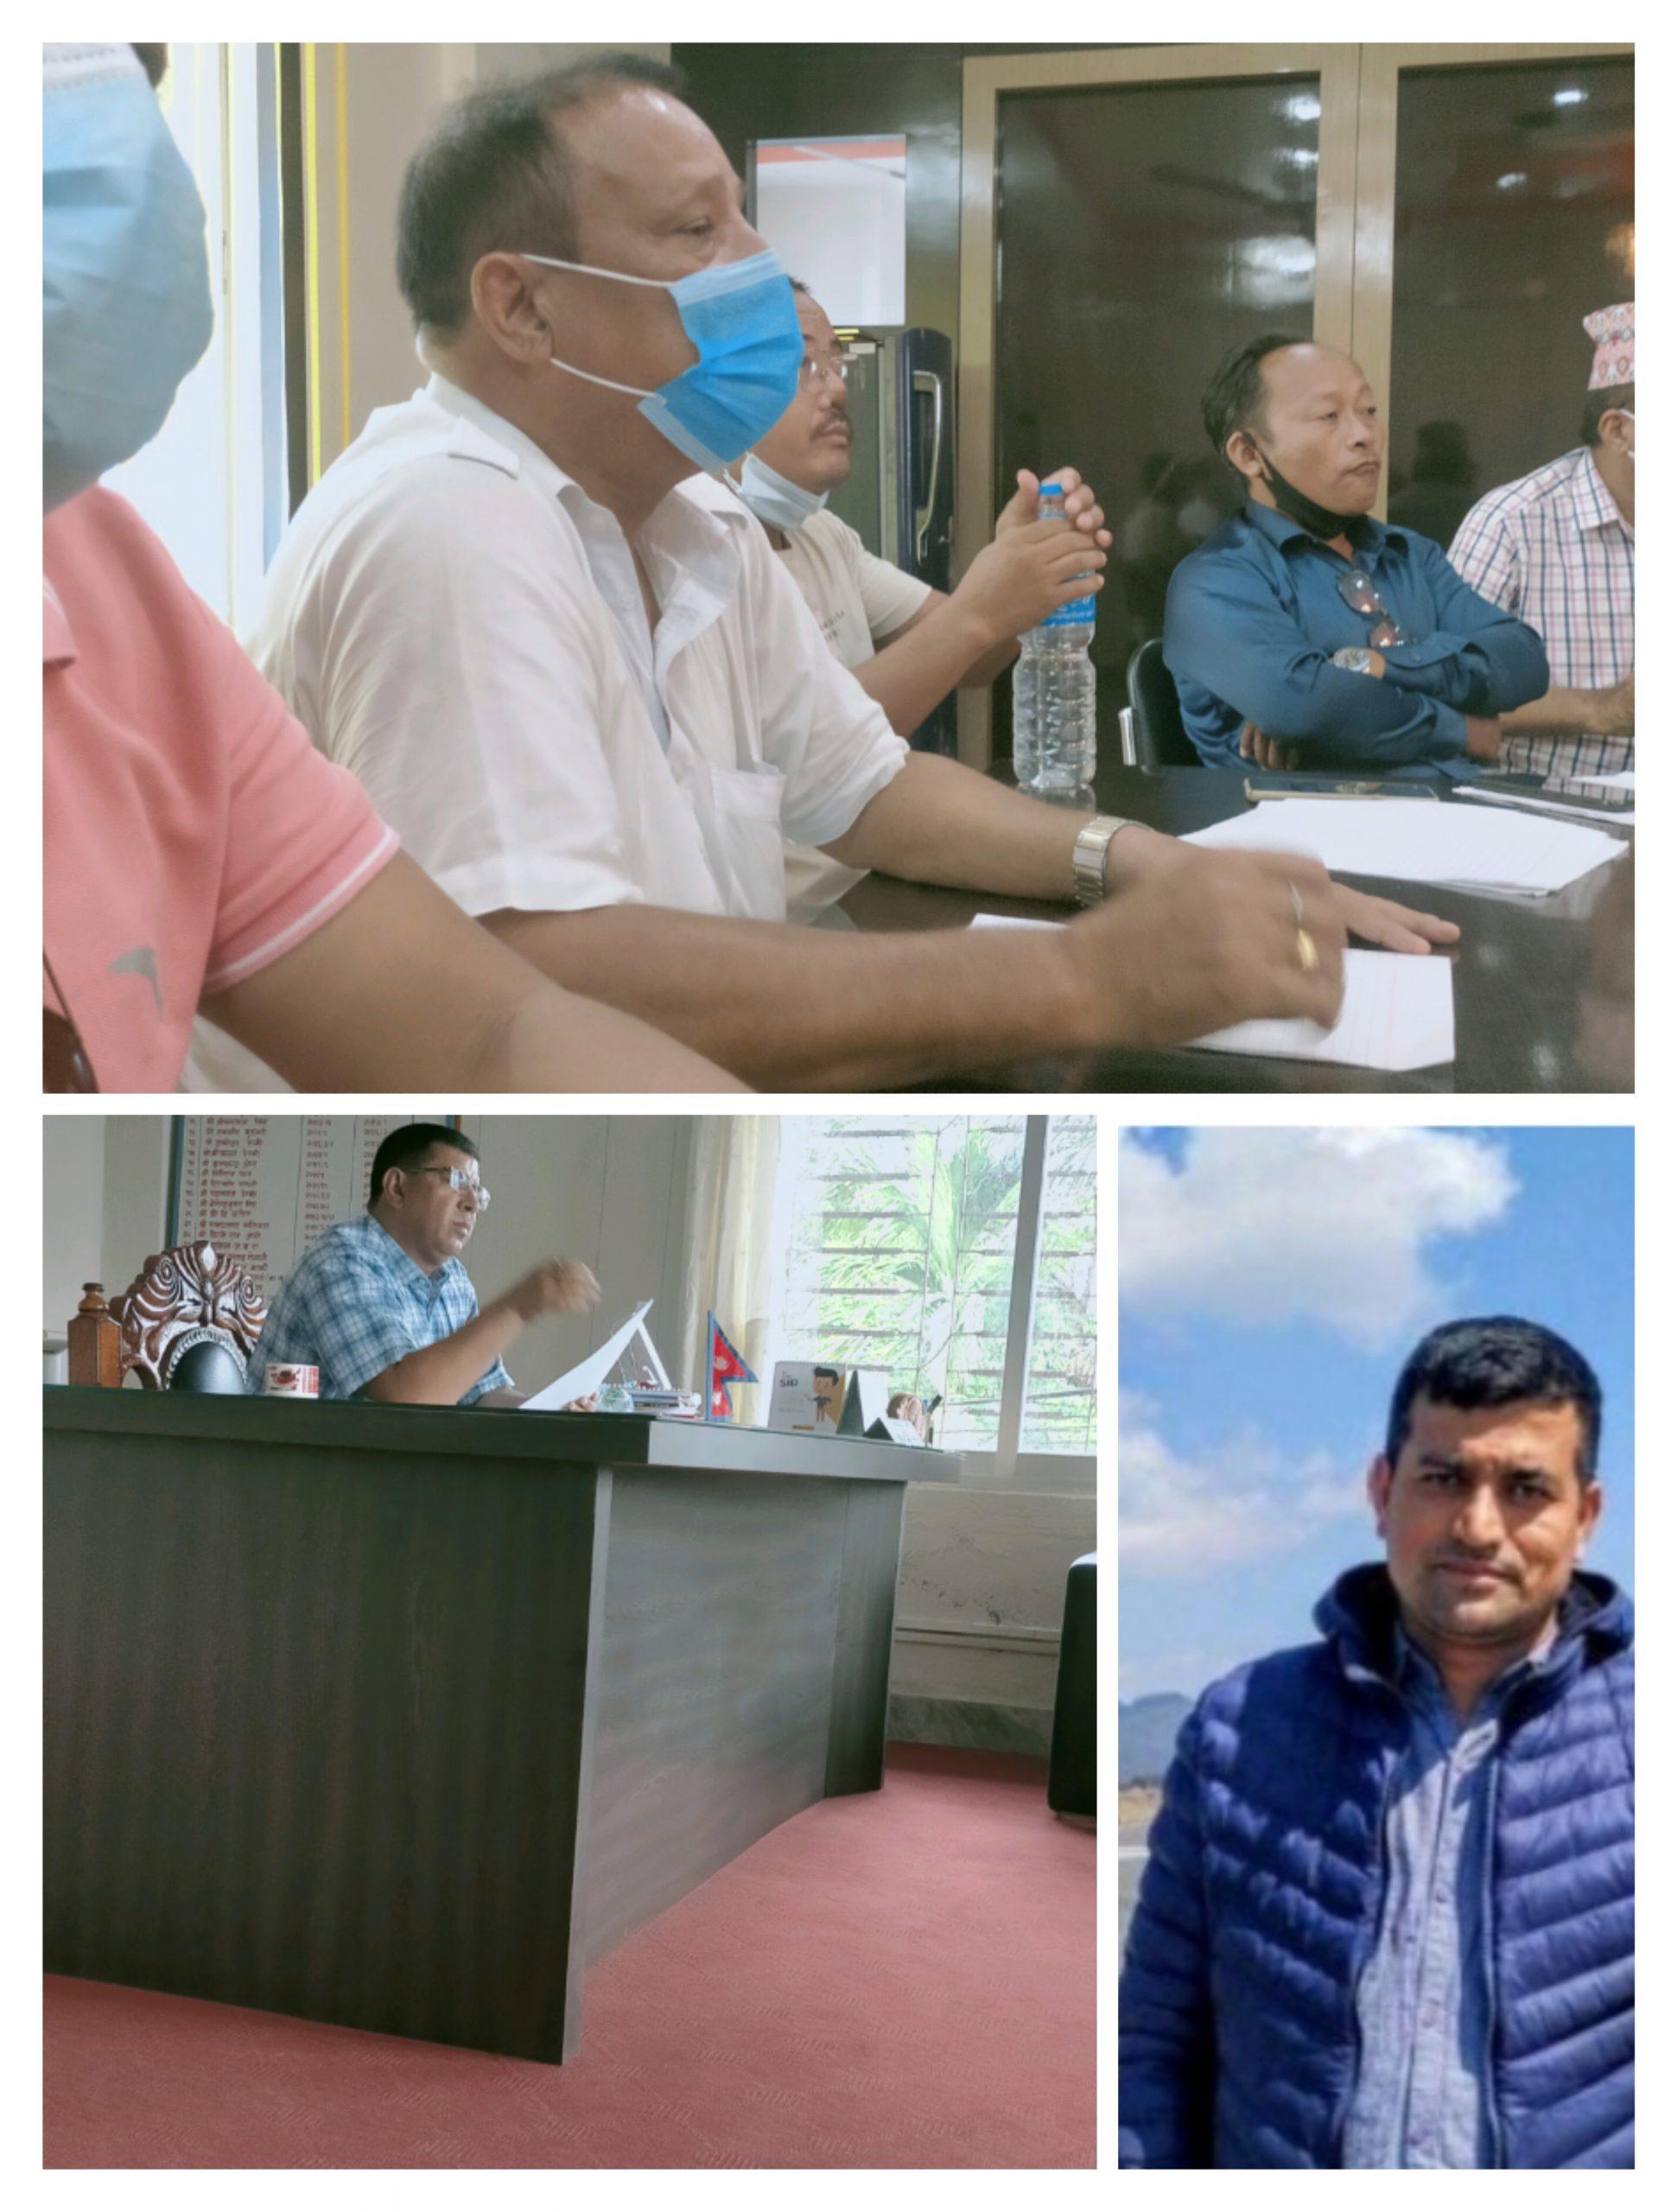 बिर्तामोड खोप काण्ड : दलहरु –  जनस्वास्थमा खेलवाड अपराध हो जिल्ला प्रशासन कार्यलय गम्भीर बनोस्  , सिडिओ कार्यलयले भन्यो सत्यतथ्य बाहिर ल्याउछौ